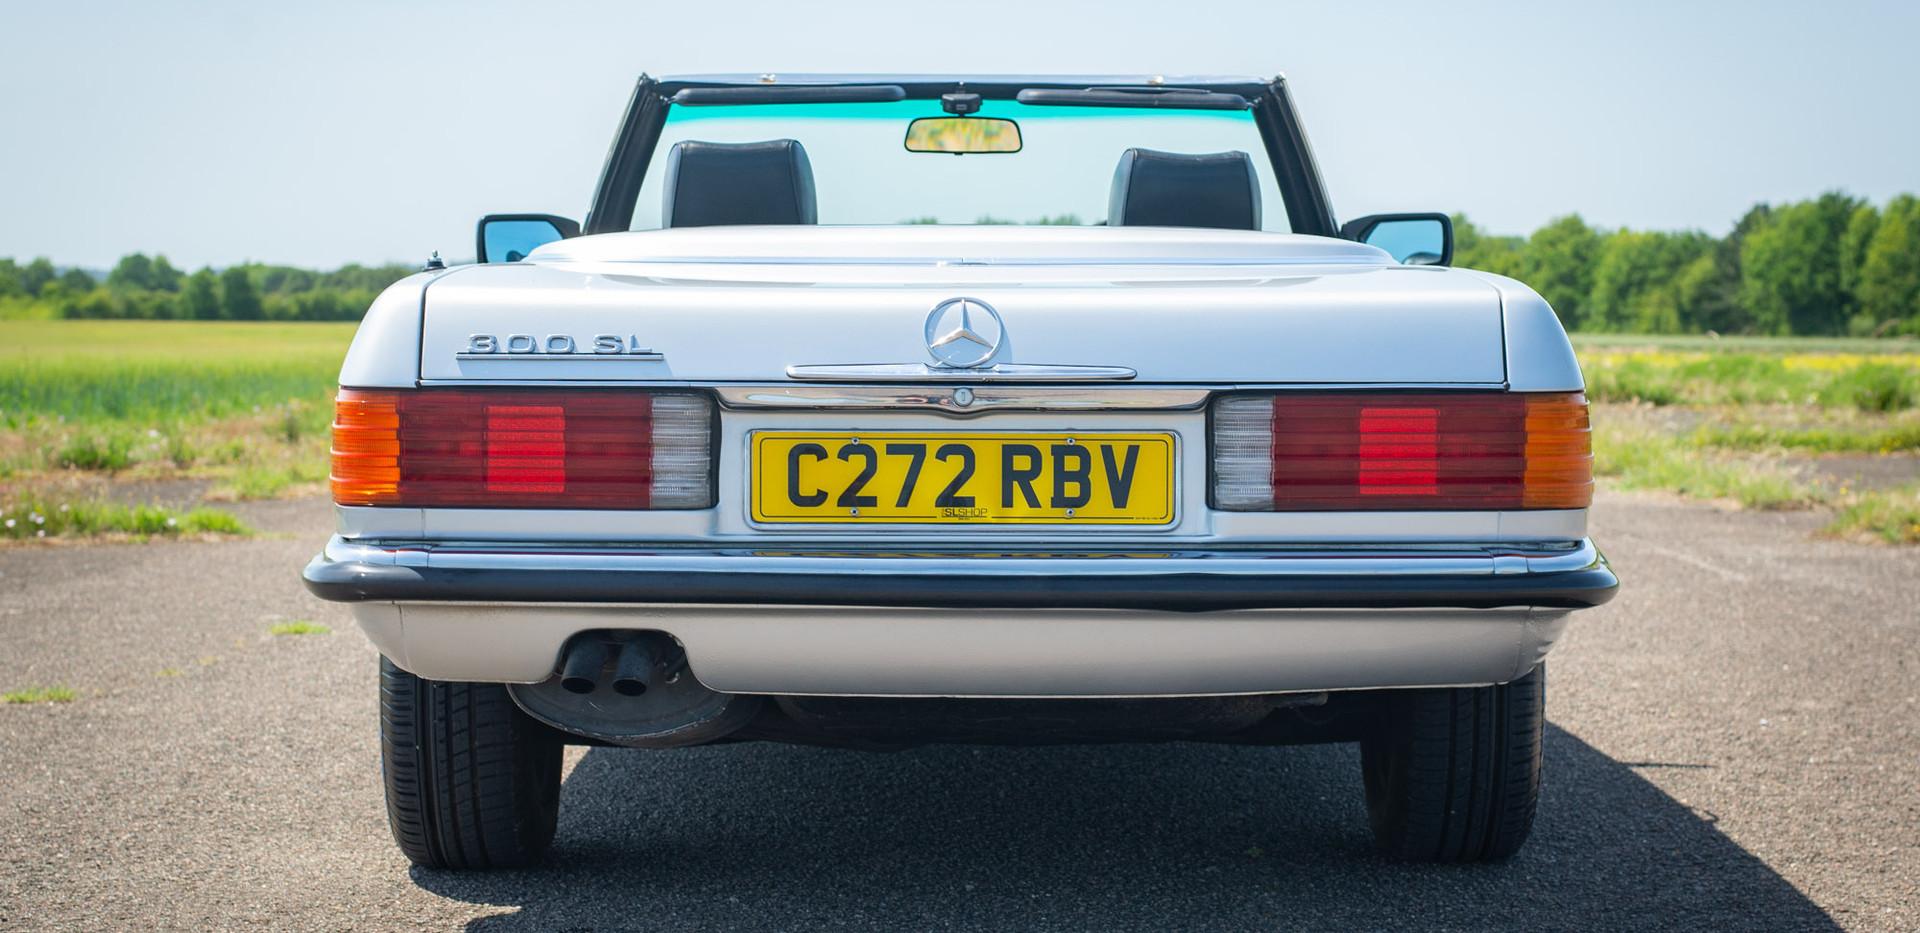 R107 300SL Silver C272 RBV-14.jpg